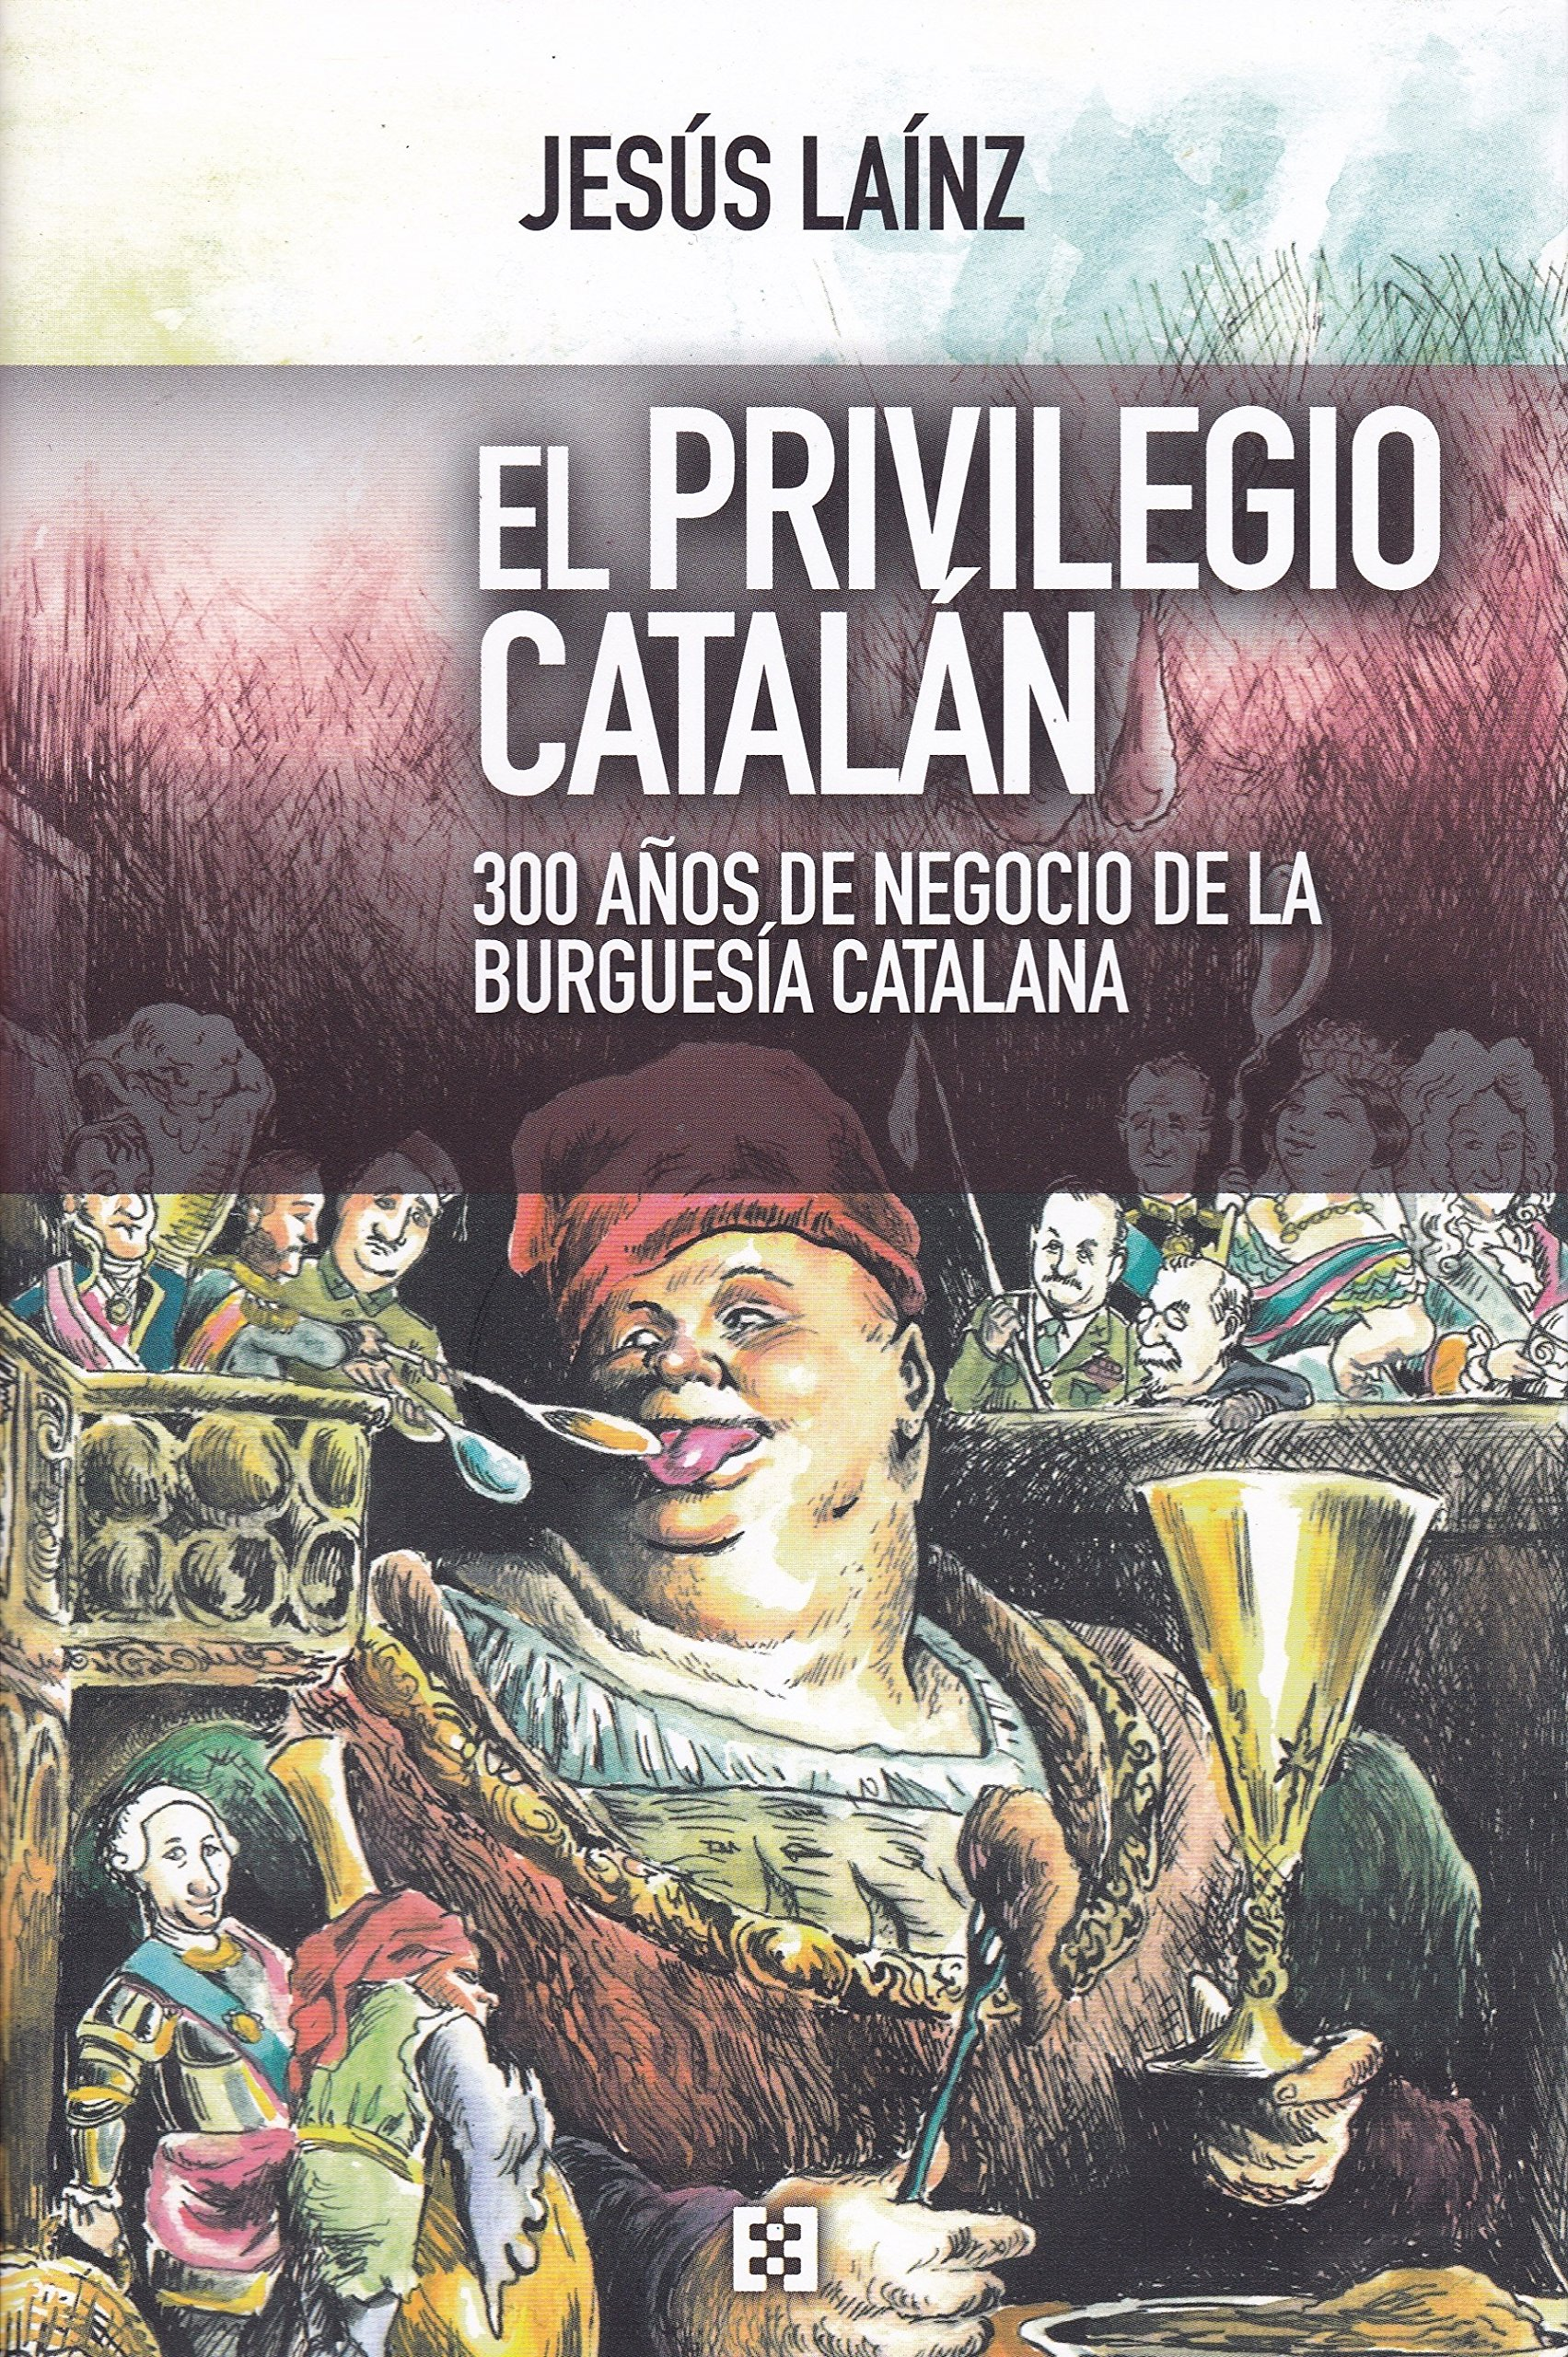 Privilegio Catalan, El: 300 años de negocio de la burguesía catalana: 29 Nuevo Ensayo: Amazon.es: Laínz Fernández, Jesús: Libros